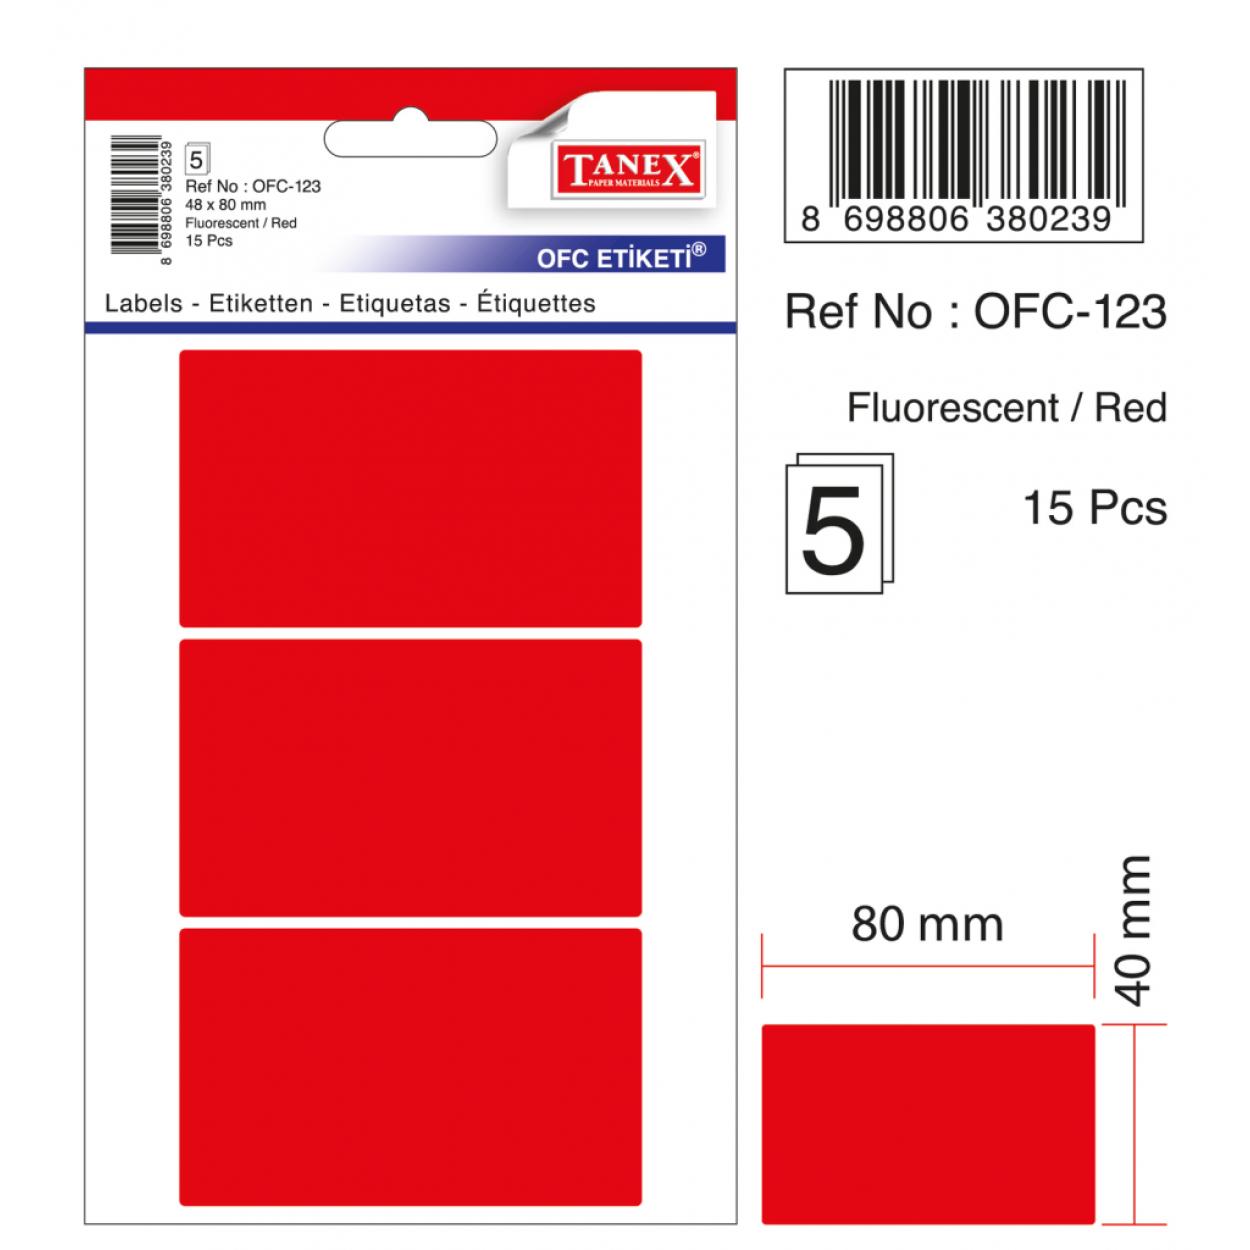 Tanex Ofc-123 Flo Kırmızı Ofis Etiketi